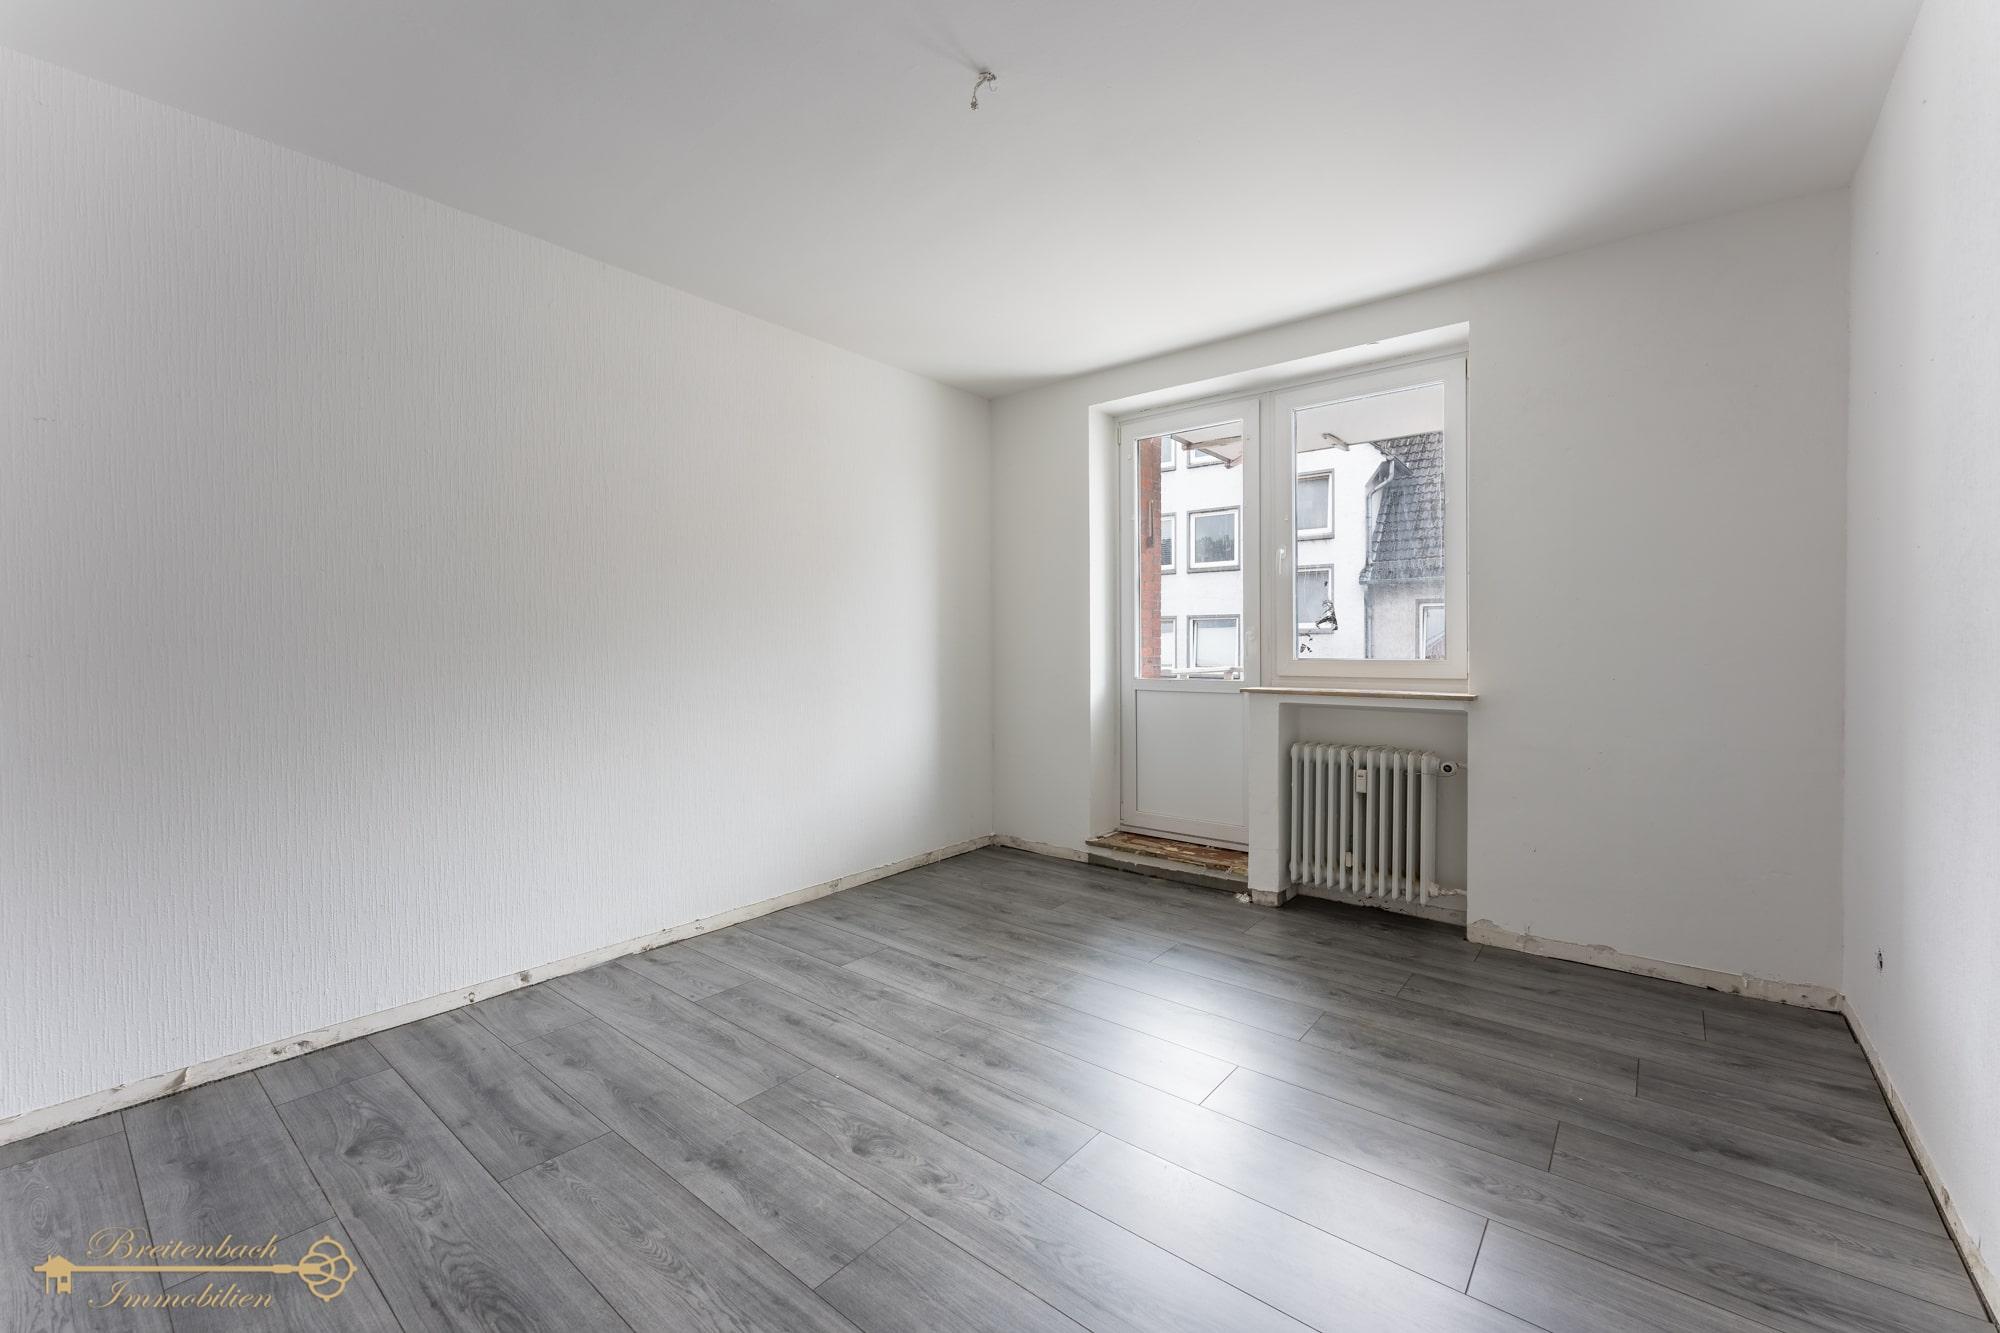 2021-07-27-Breitenbach-Immobilien-Makler-Bremen-8-min